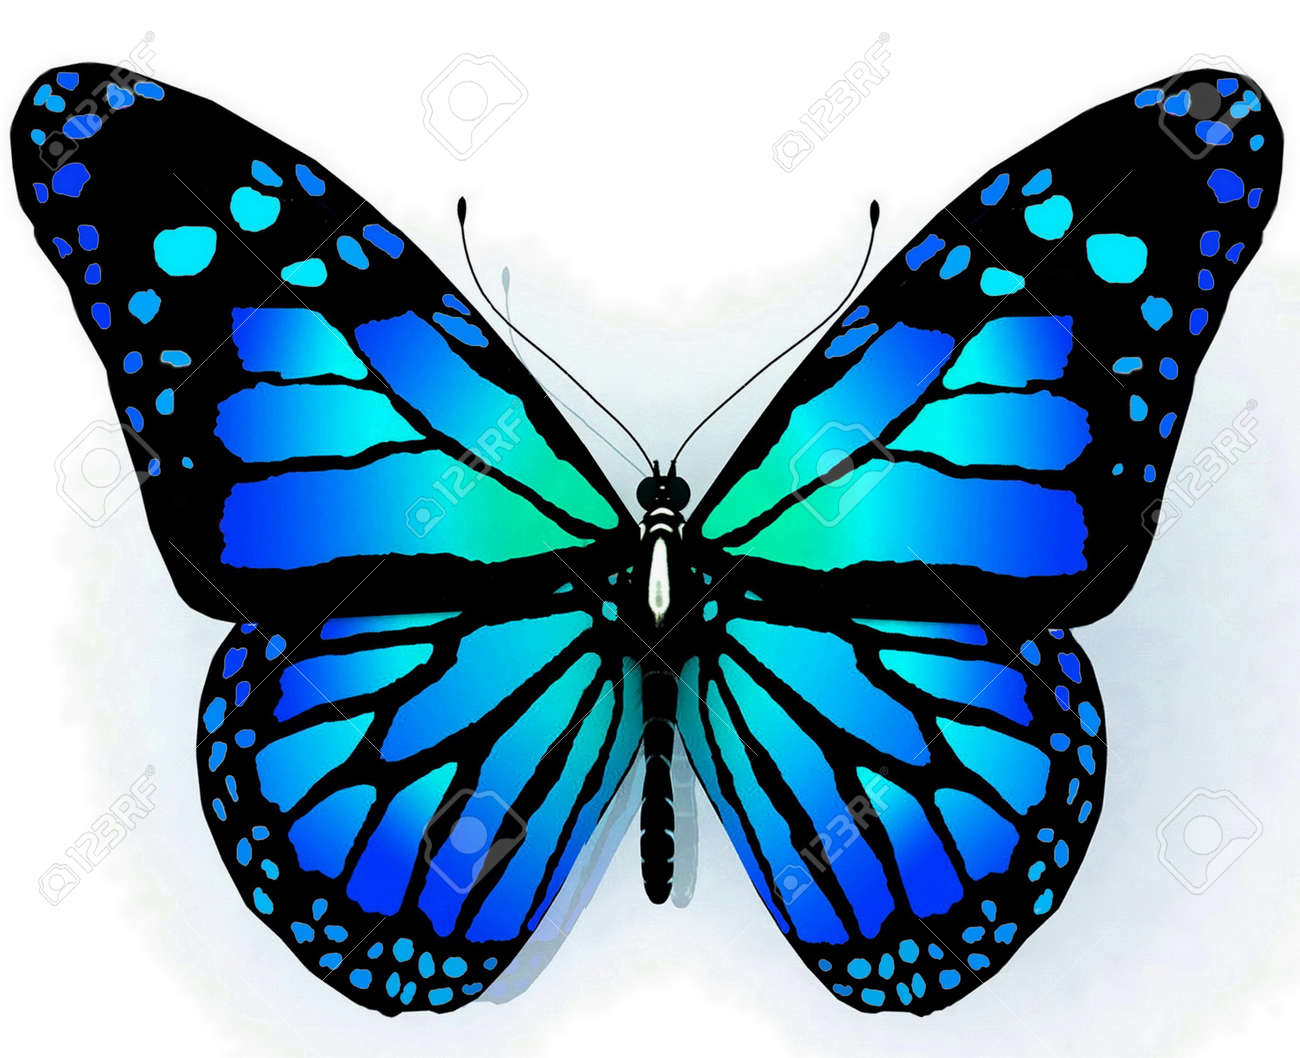 12406149-ge%C3%AFsoleerde-vlinder-van-blauwe-kleur-op-een-witte-achtergrond.jpg